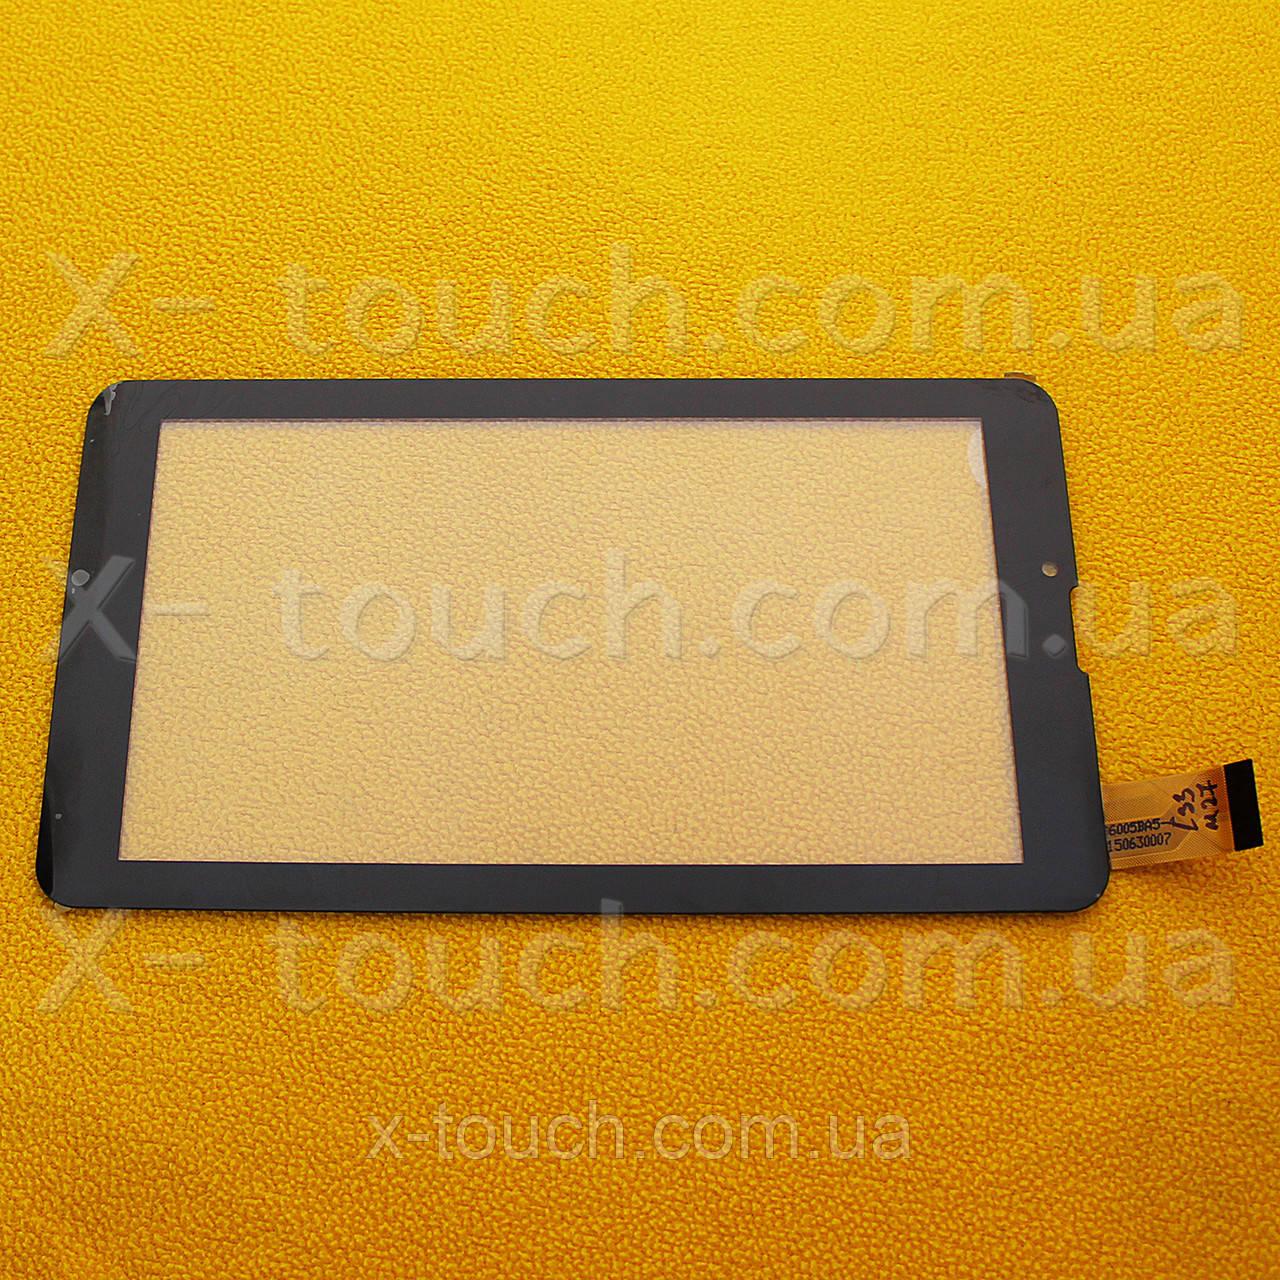 C184104A28-FPC881DR cенсор, тачскрин для планшета 7,0 дюймов.